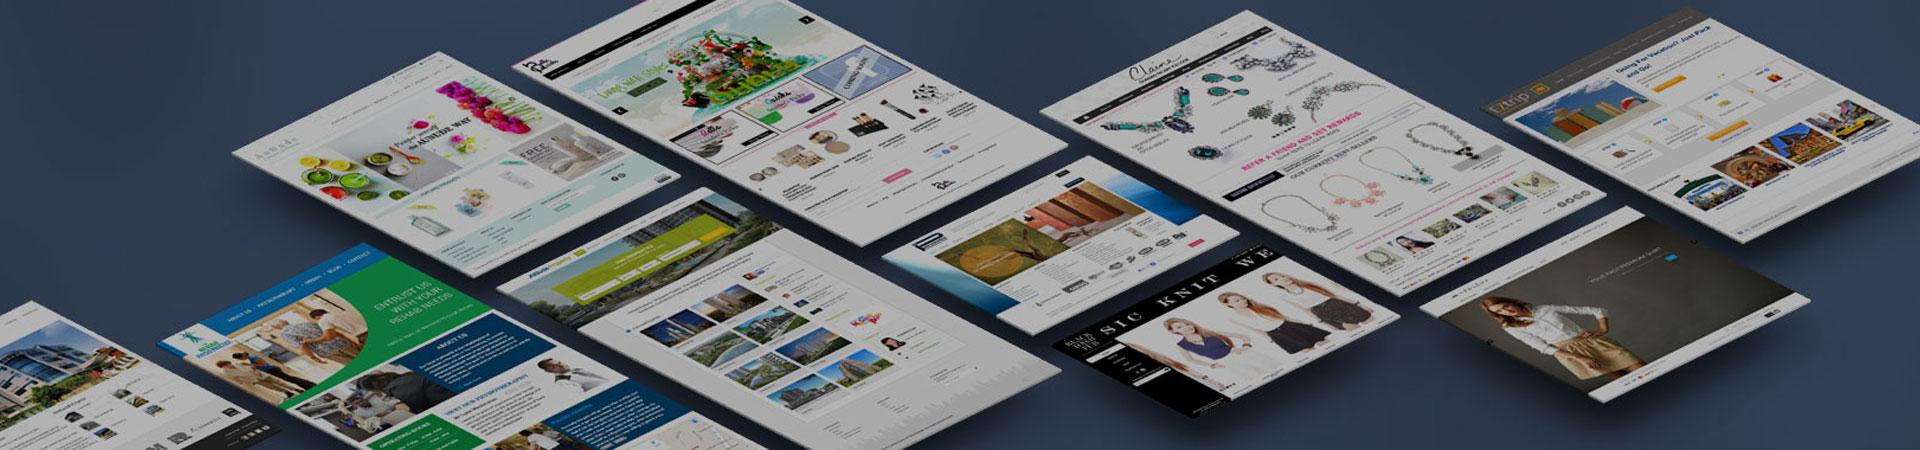 Website Design Singapore - Powersoft